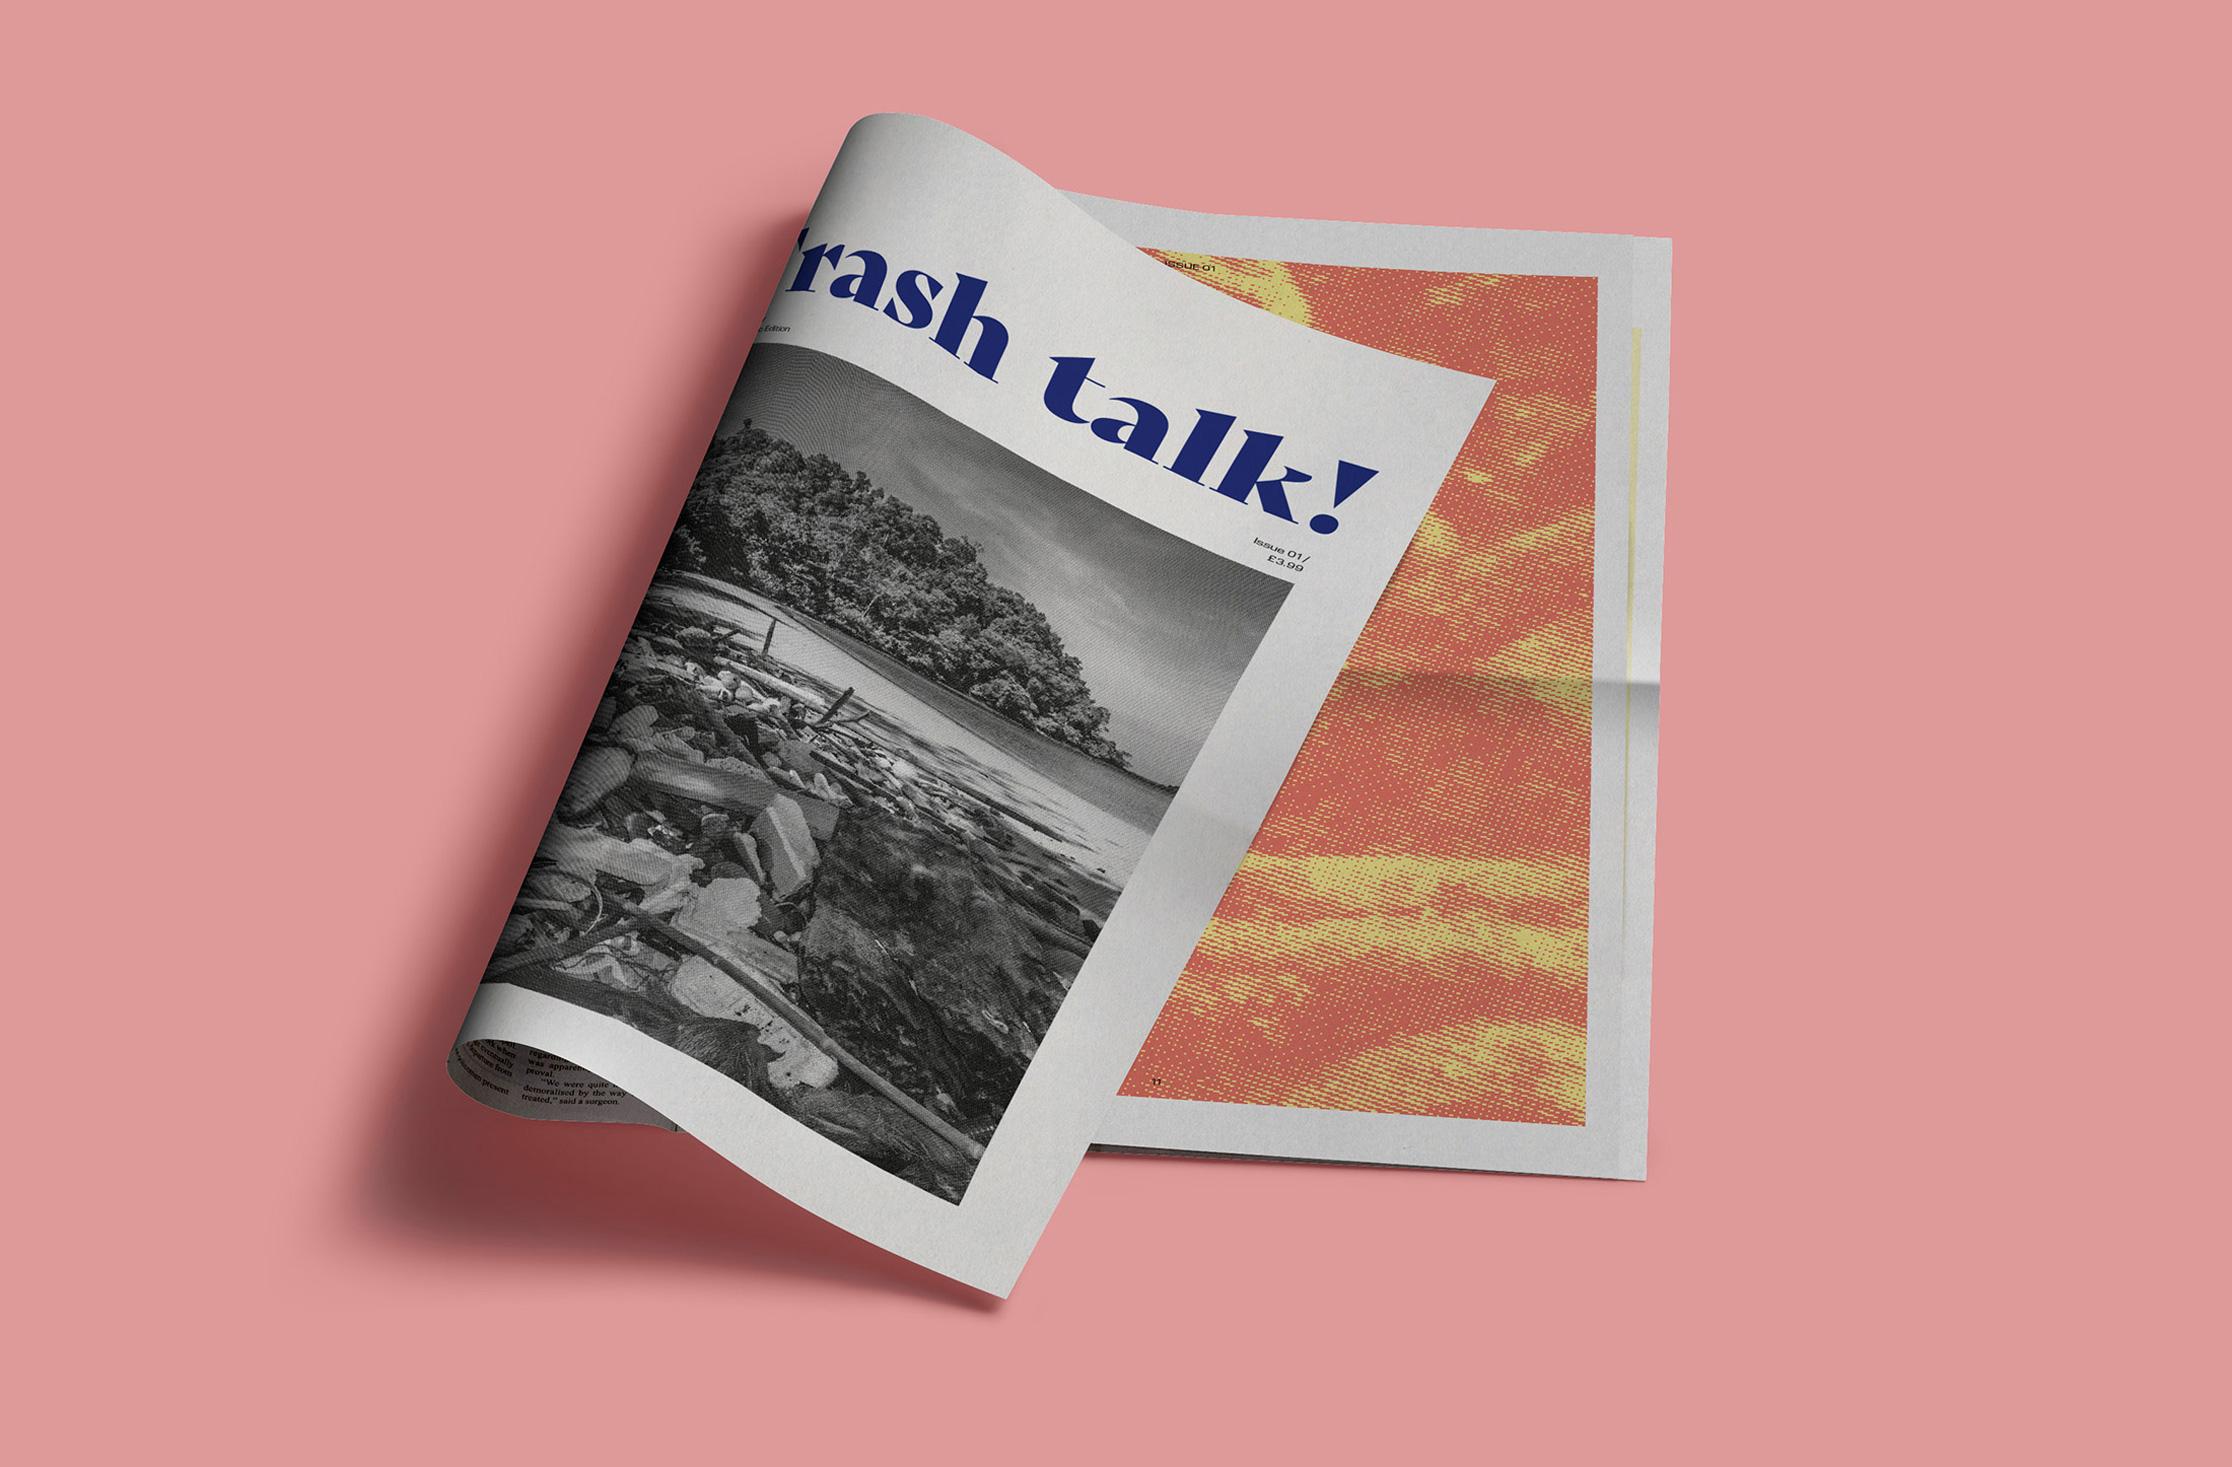 mock-up of newspaper publication cover design